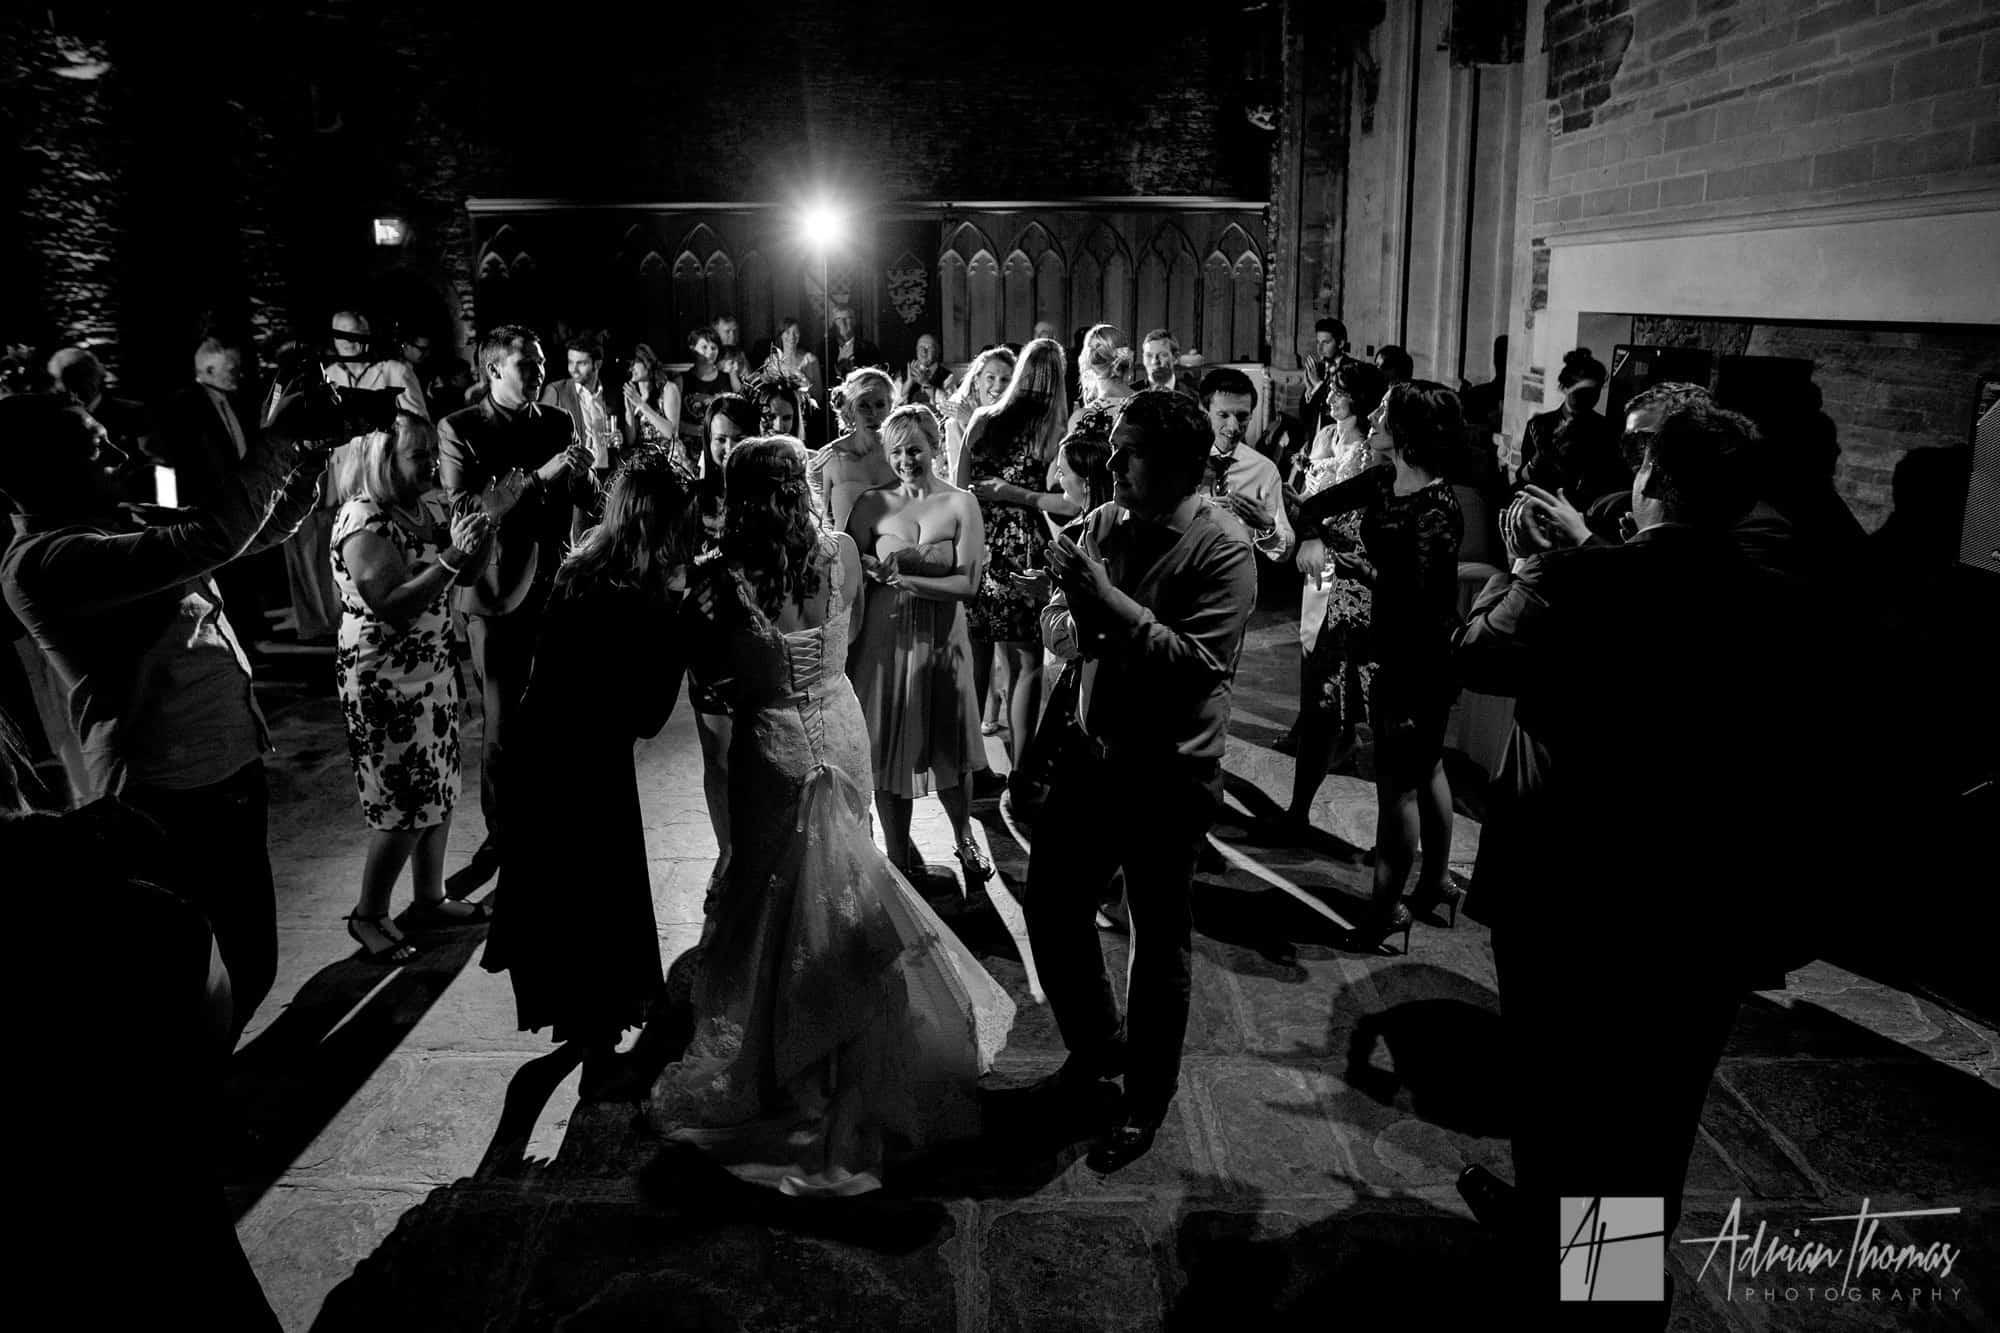 Guests dancing at wedding.